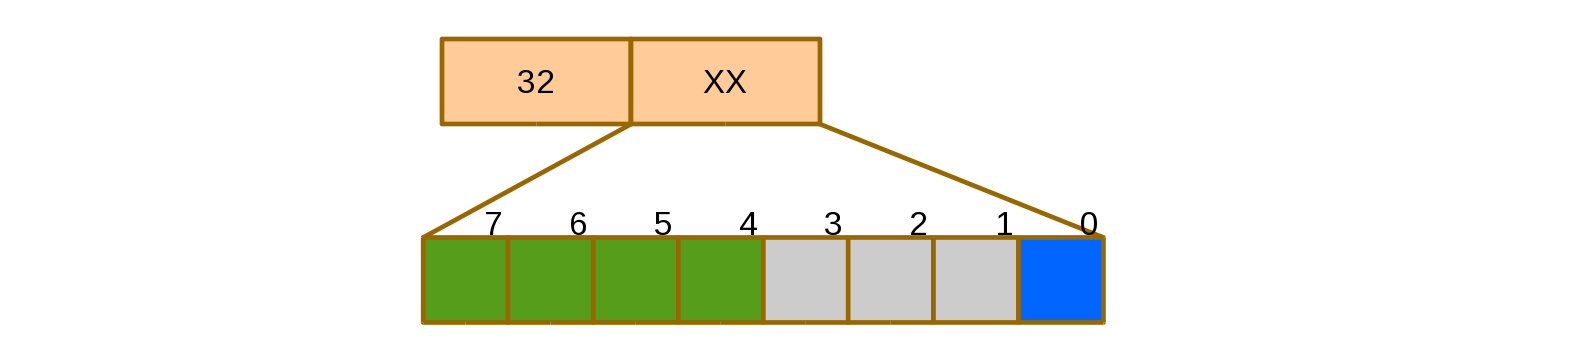 Протокол управления CD-чейнджером - 3